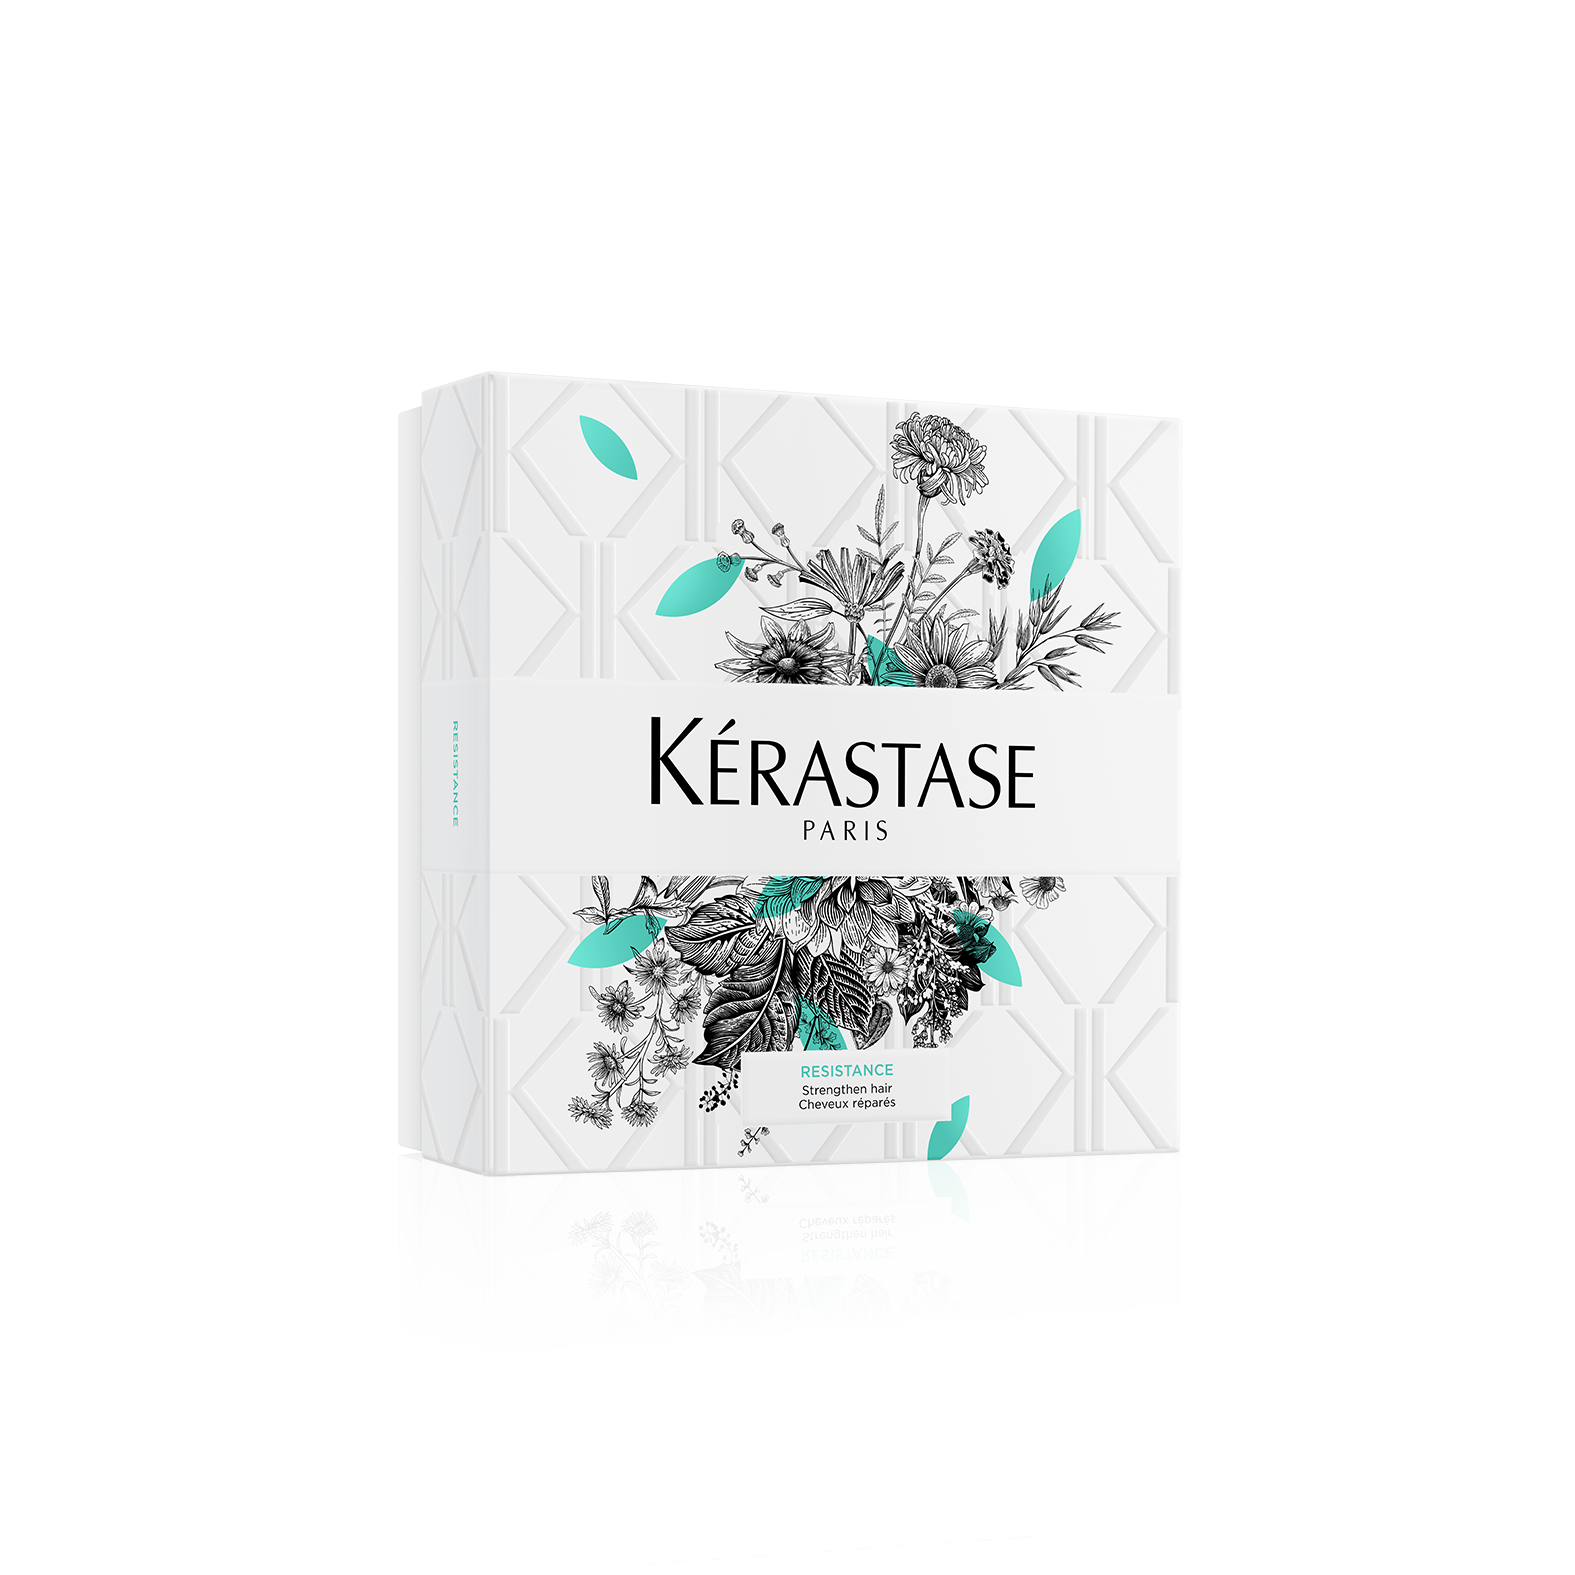 Купить Kerastase Весенний набор Форс Архитект: Шампунь-Ванна укрепляющий для сильно поврежденных волос 250 мл + Маска 200 мл (Kerastase, Resistance), Франция